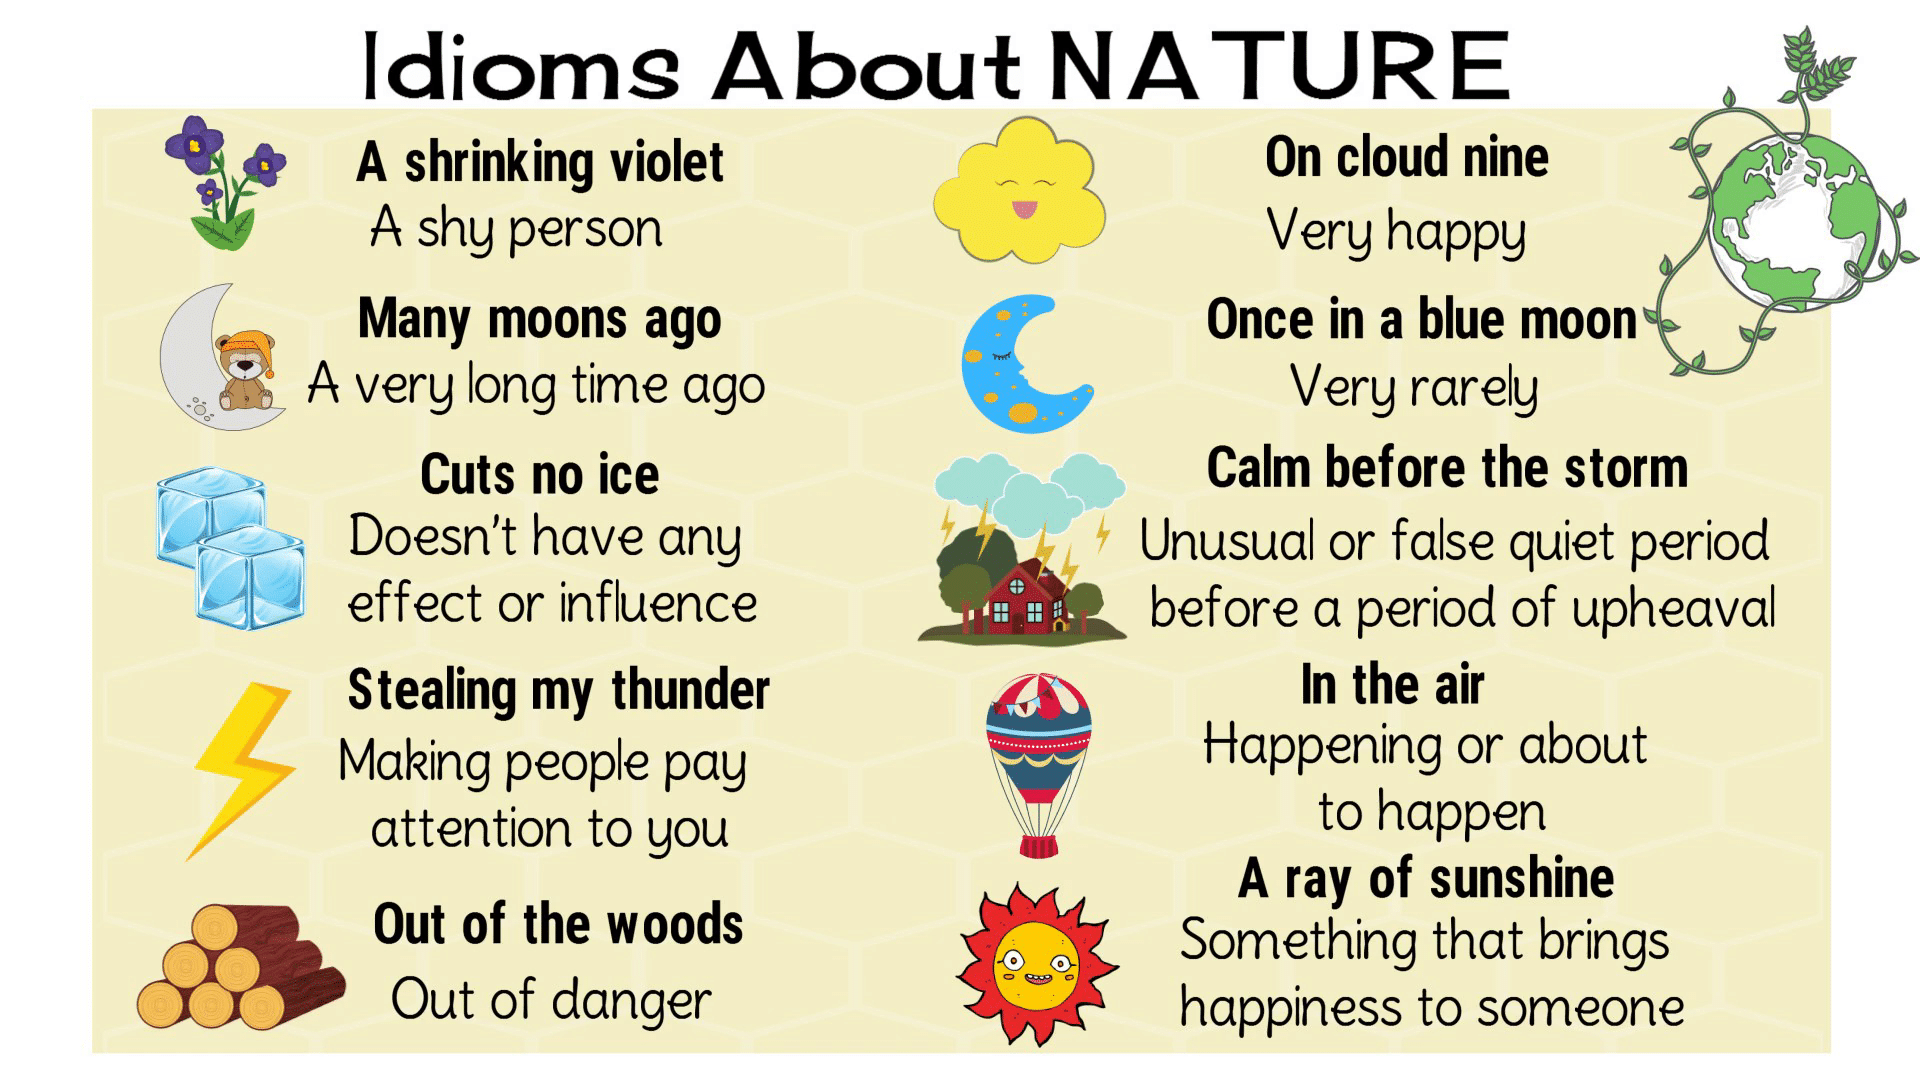 Nature Idioms